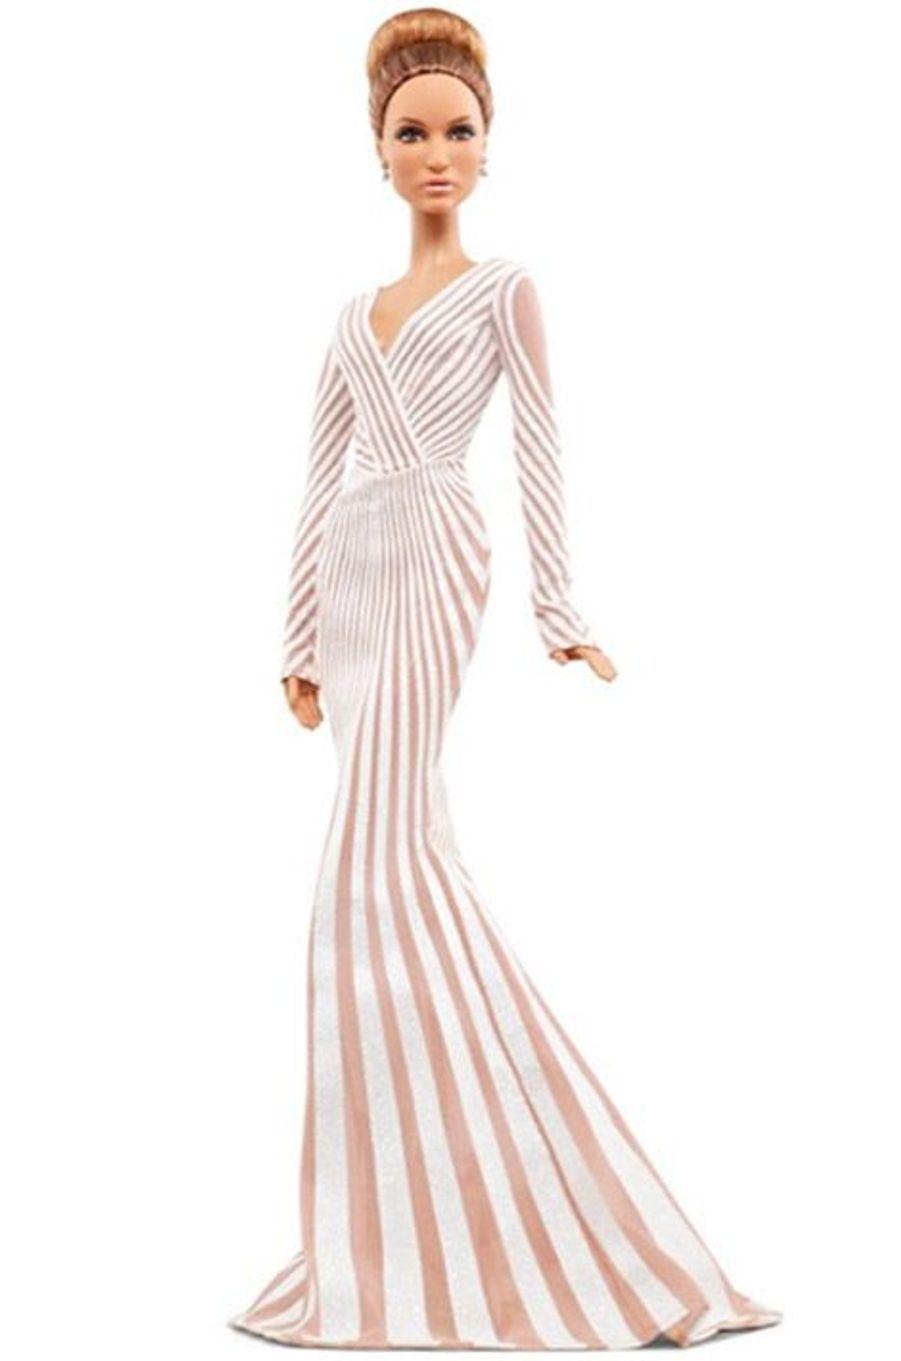 La Barbie inspirée de Jennifer Lopez lors de la cérémonie des Oscars en 2012